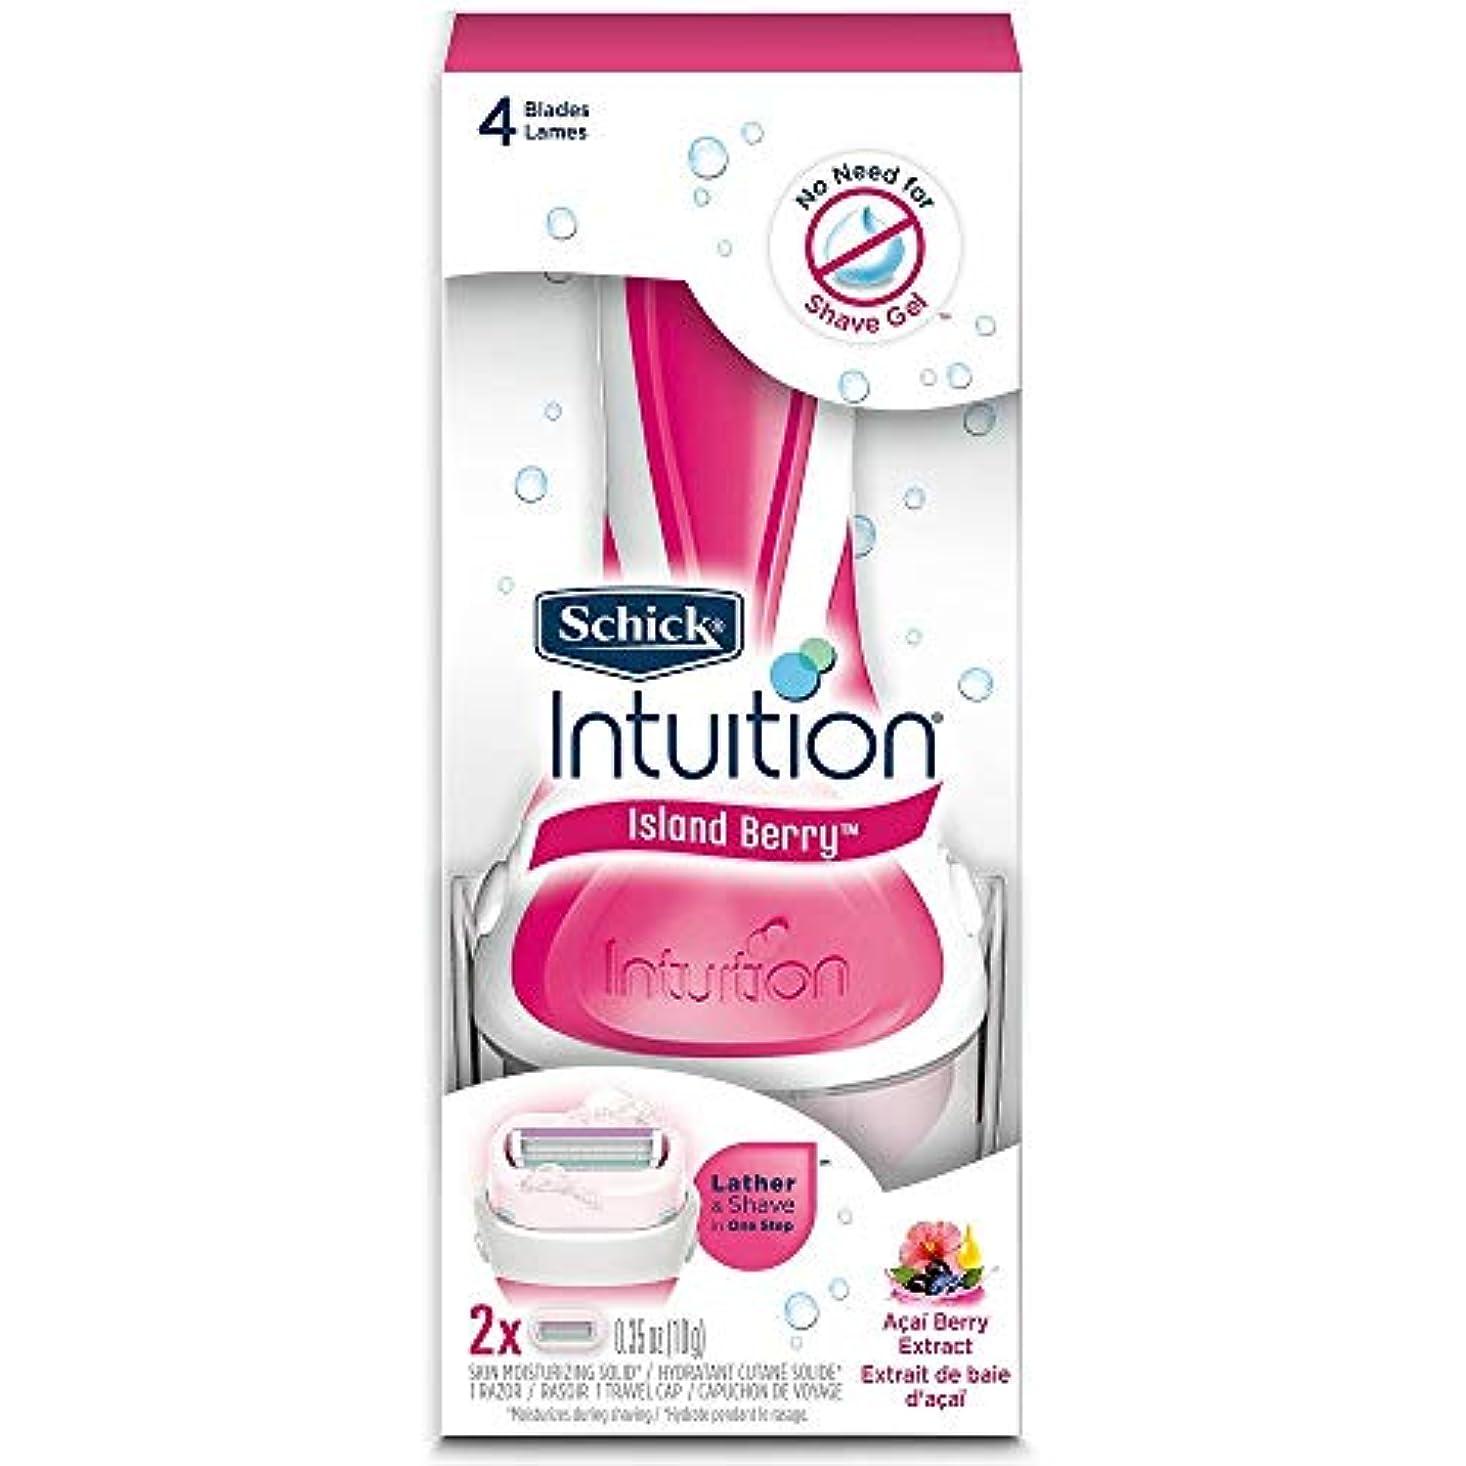 バッフル緊張する測定Schick Intuition Island Berry 2かみそりの刃の結め換え品を持つ女性のかみそり [並行輸入品]